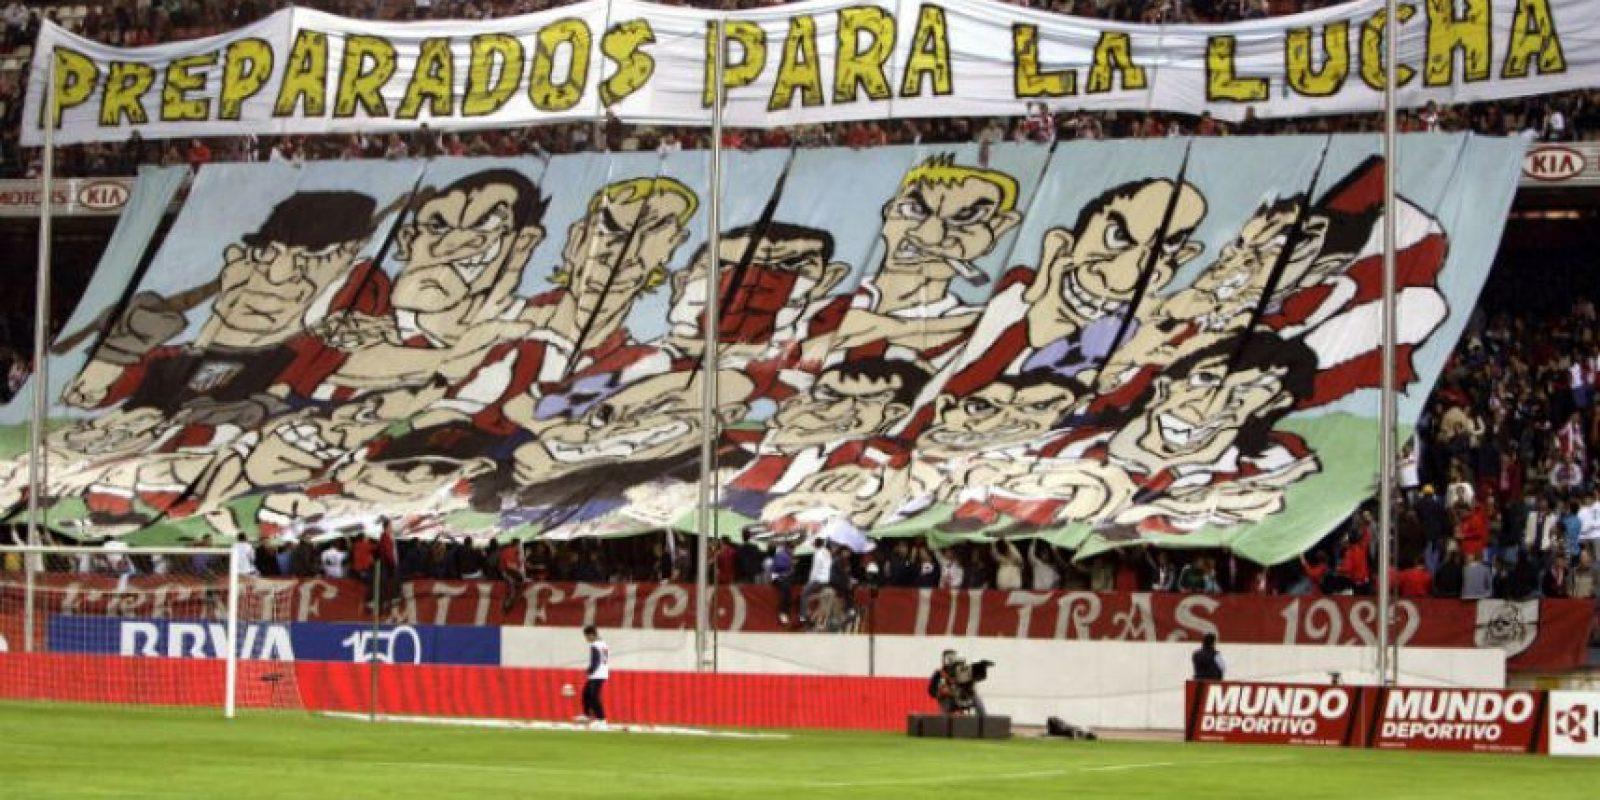 El club también dijo que no permitirá ningún tipo de pancartas en su estadio. Foto:EFE